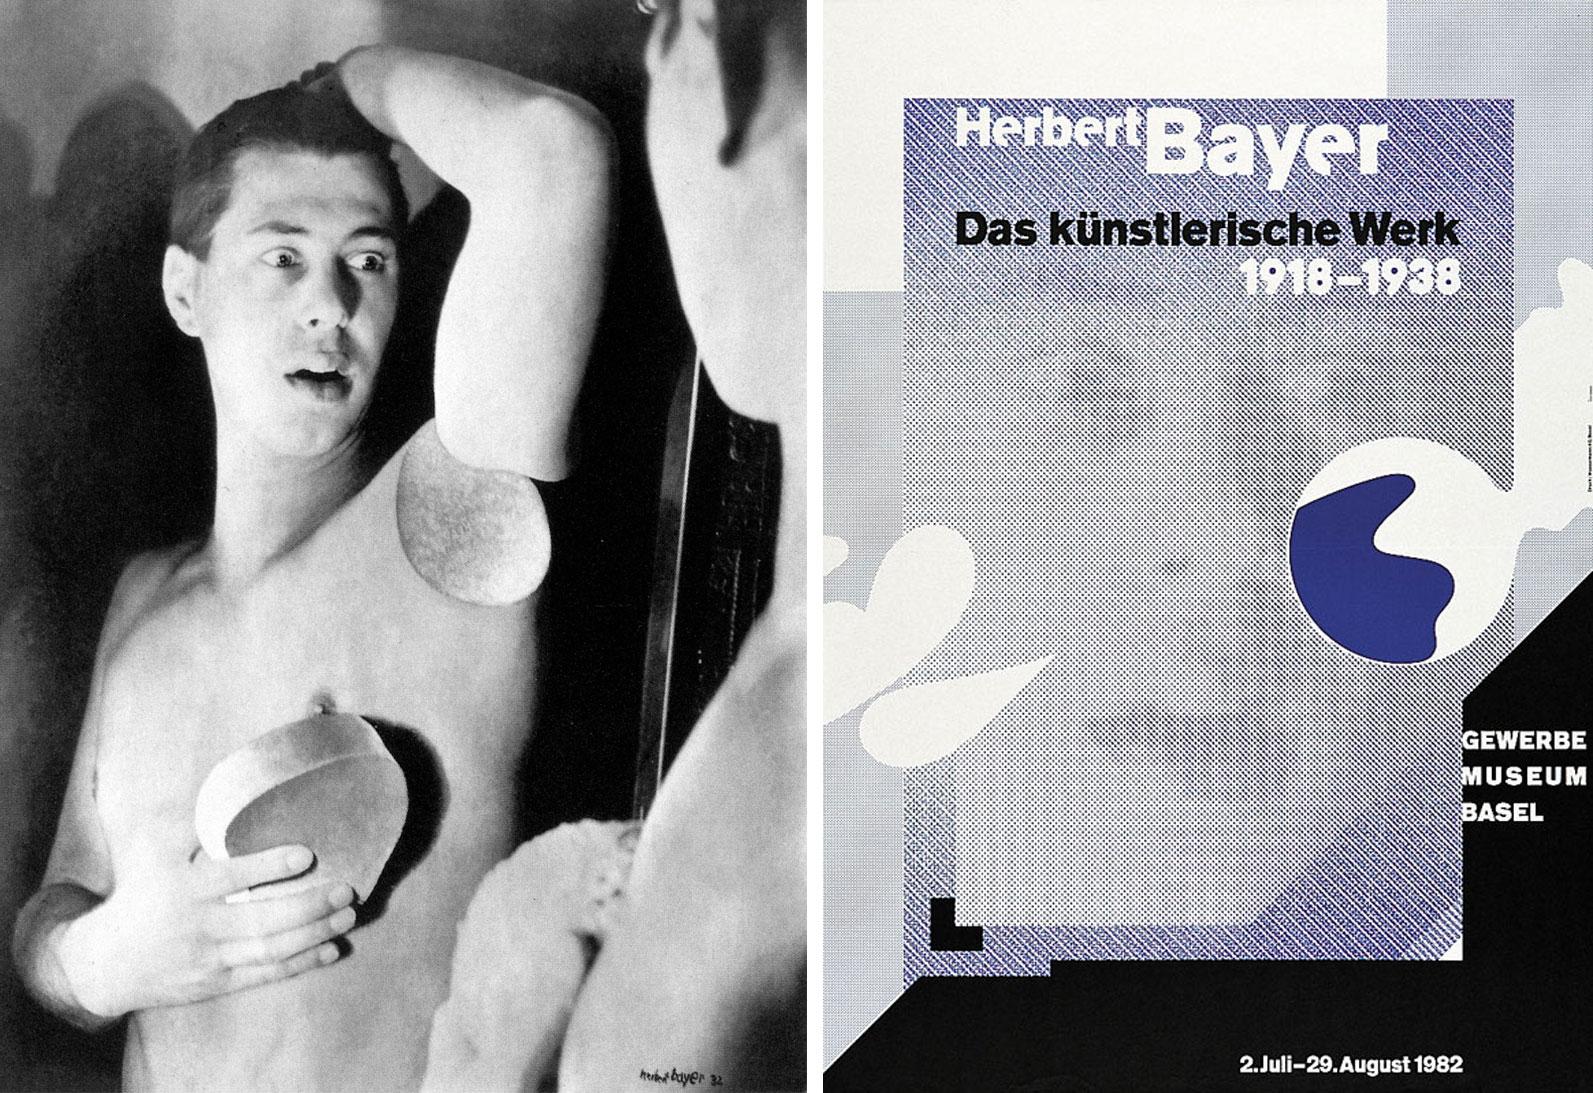 Herbert-Bayer-autoportrait-1932-affiche-exposition-Wolfgang-weinghart